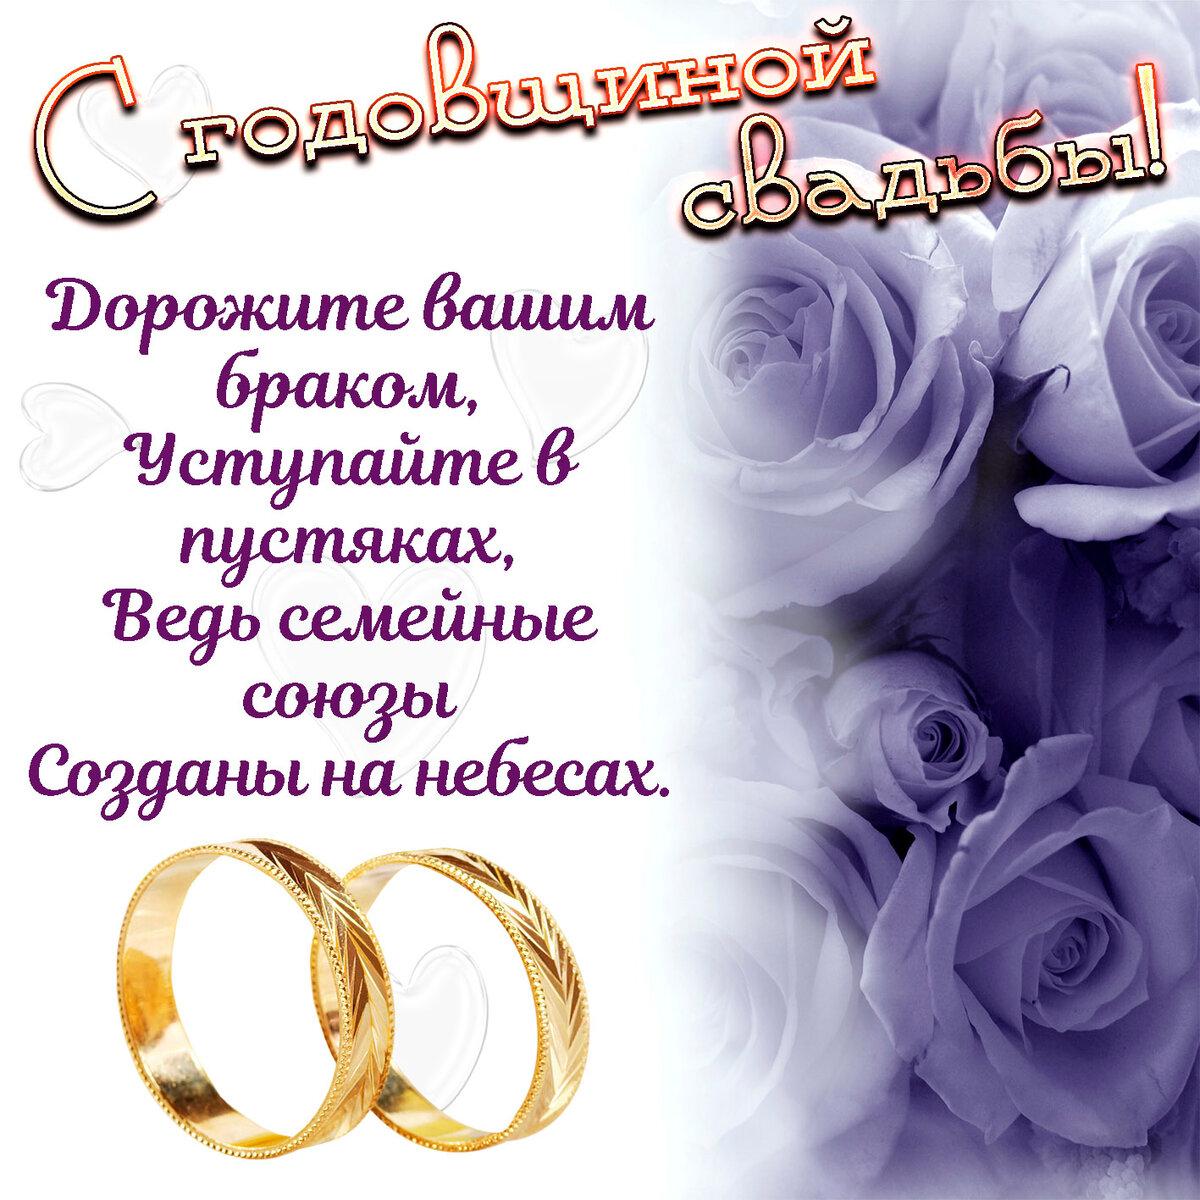 Поздравления жене с годовщиной свадьбы 2 года (Бумажная свадьба)